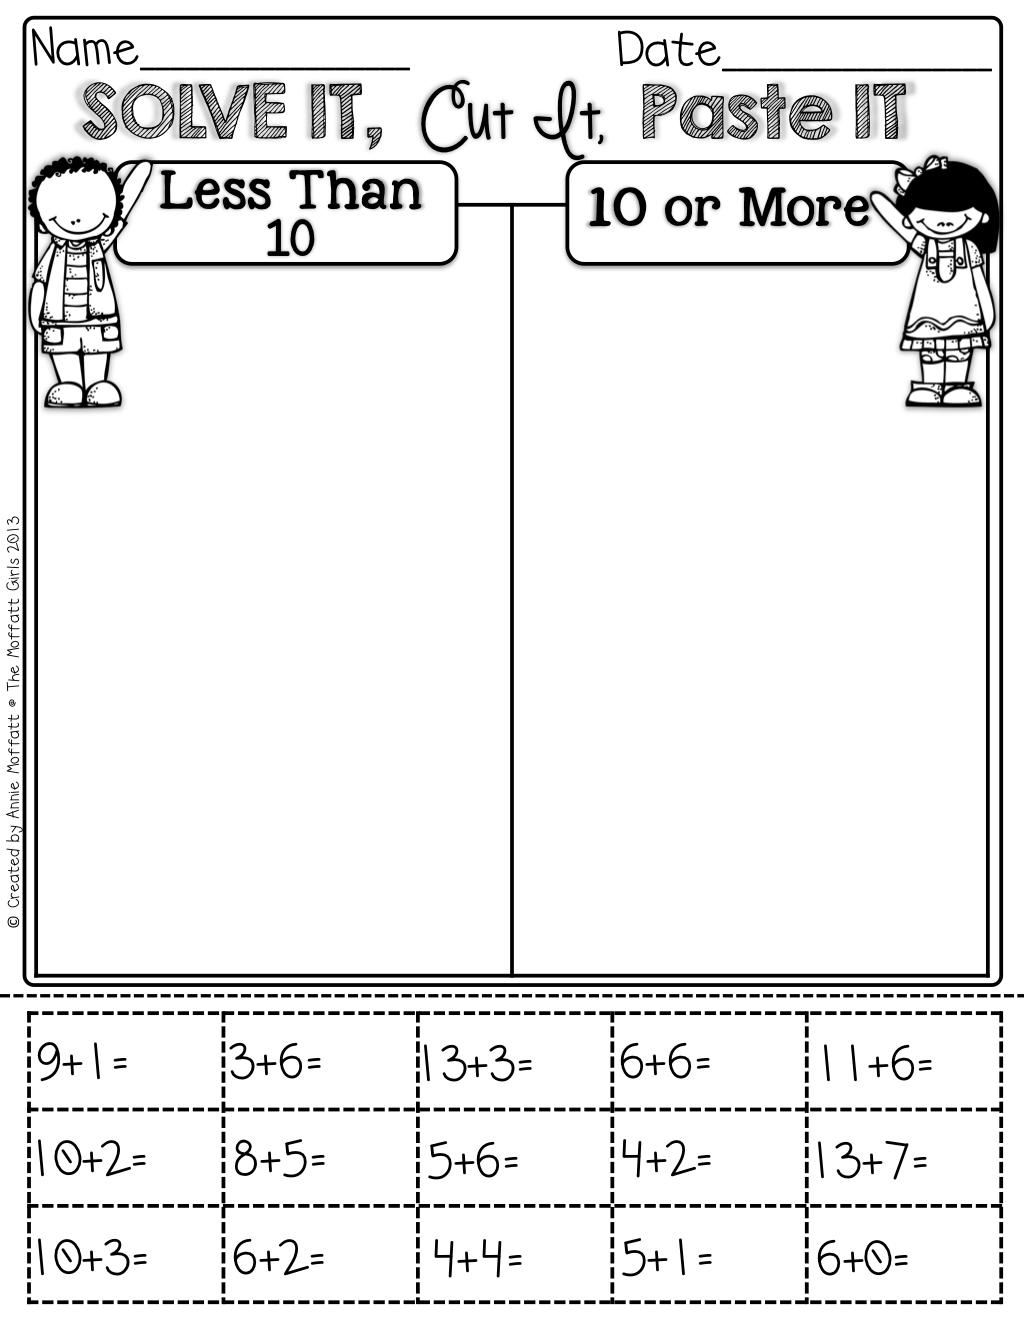 Interactive Math Lve It Cut It Paste It Sort It